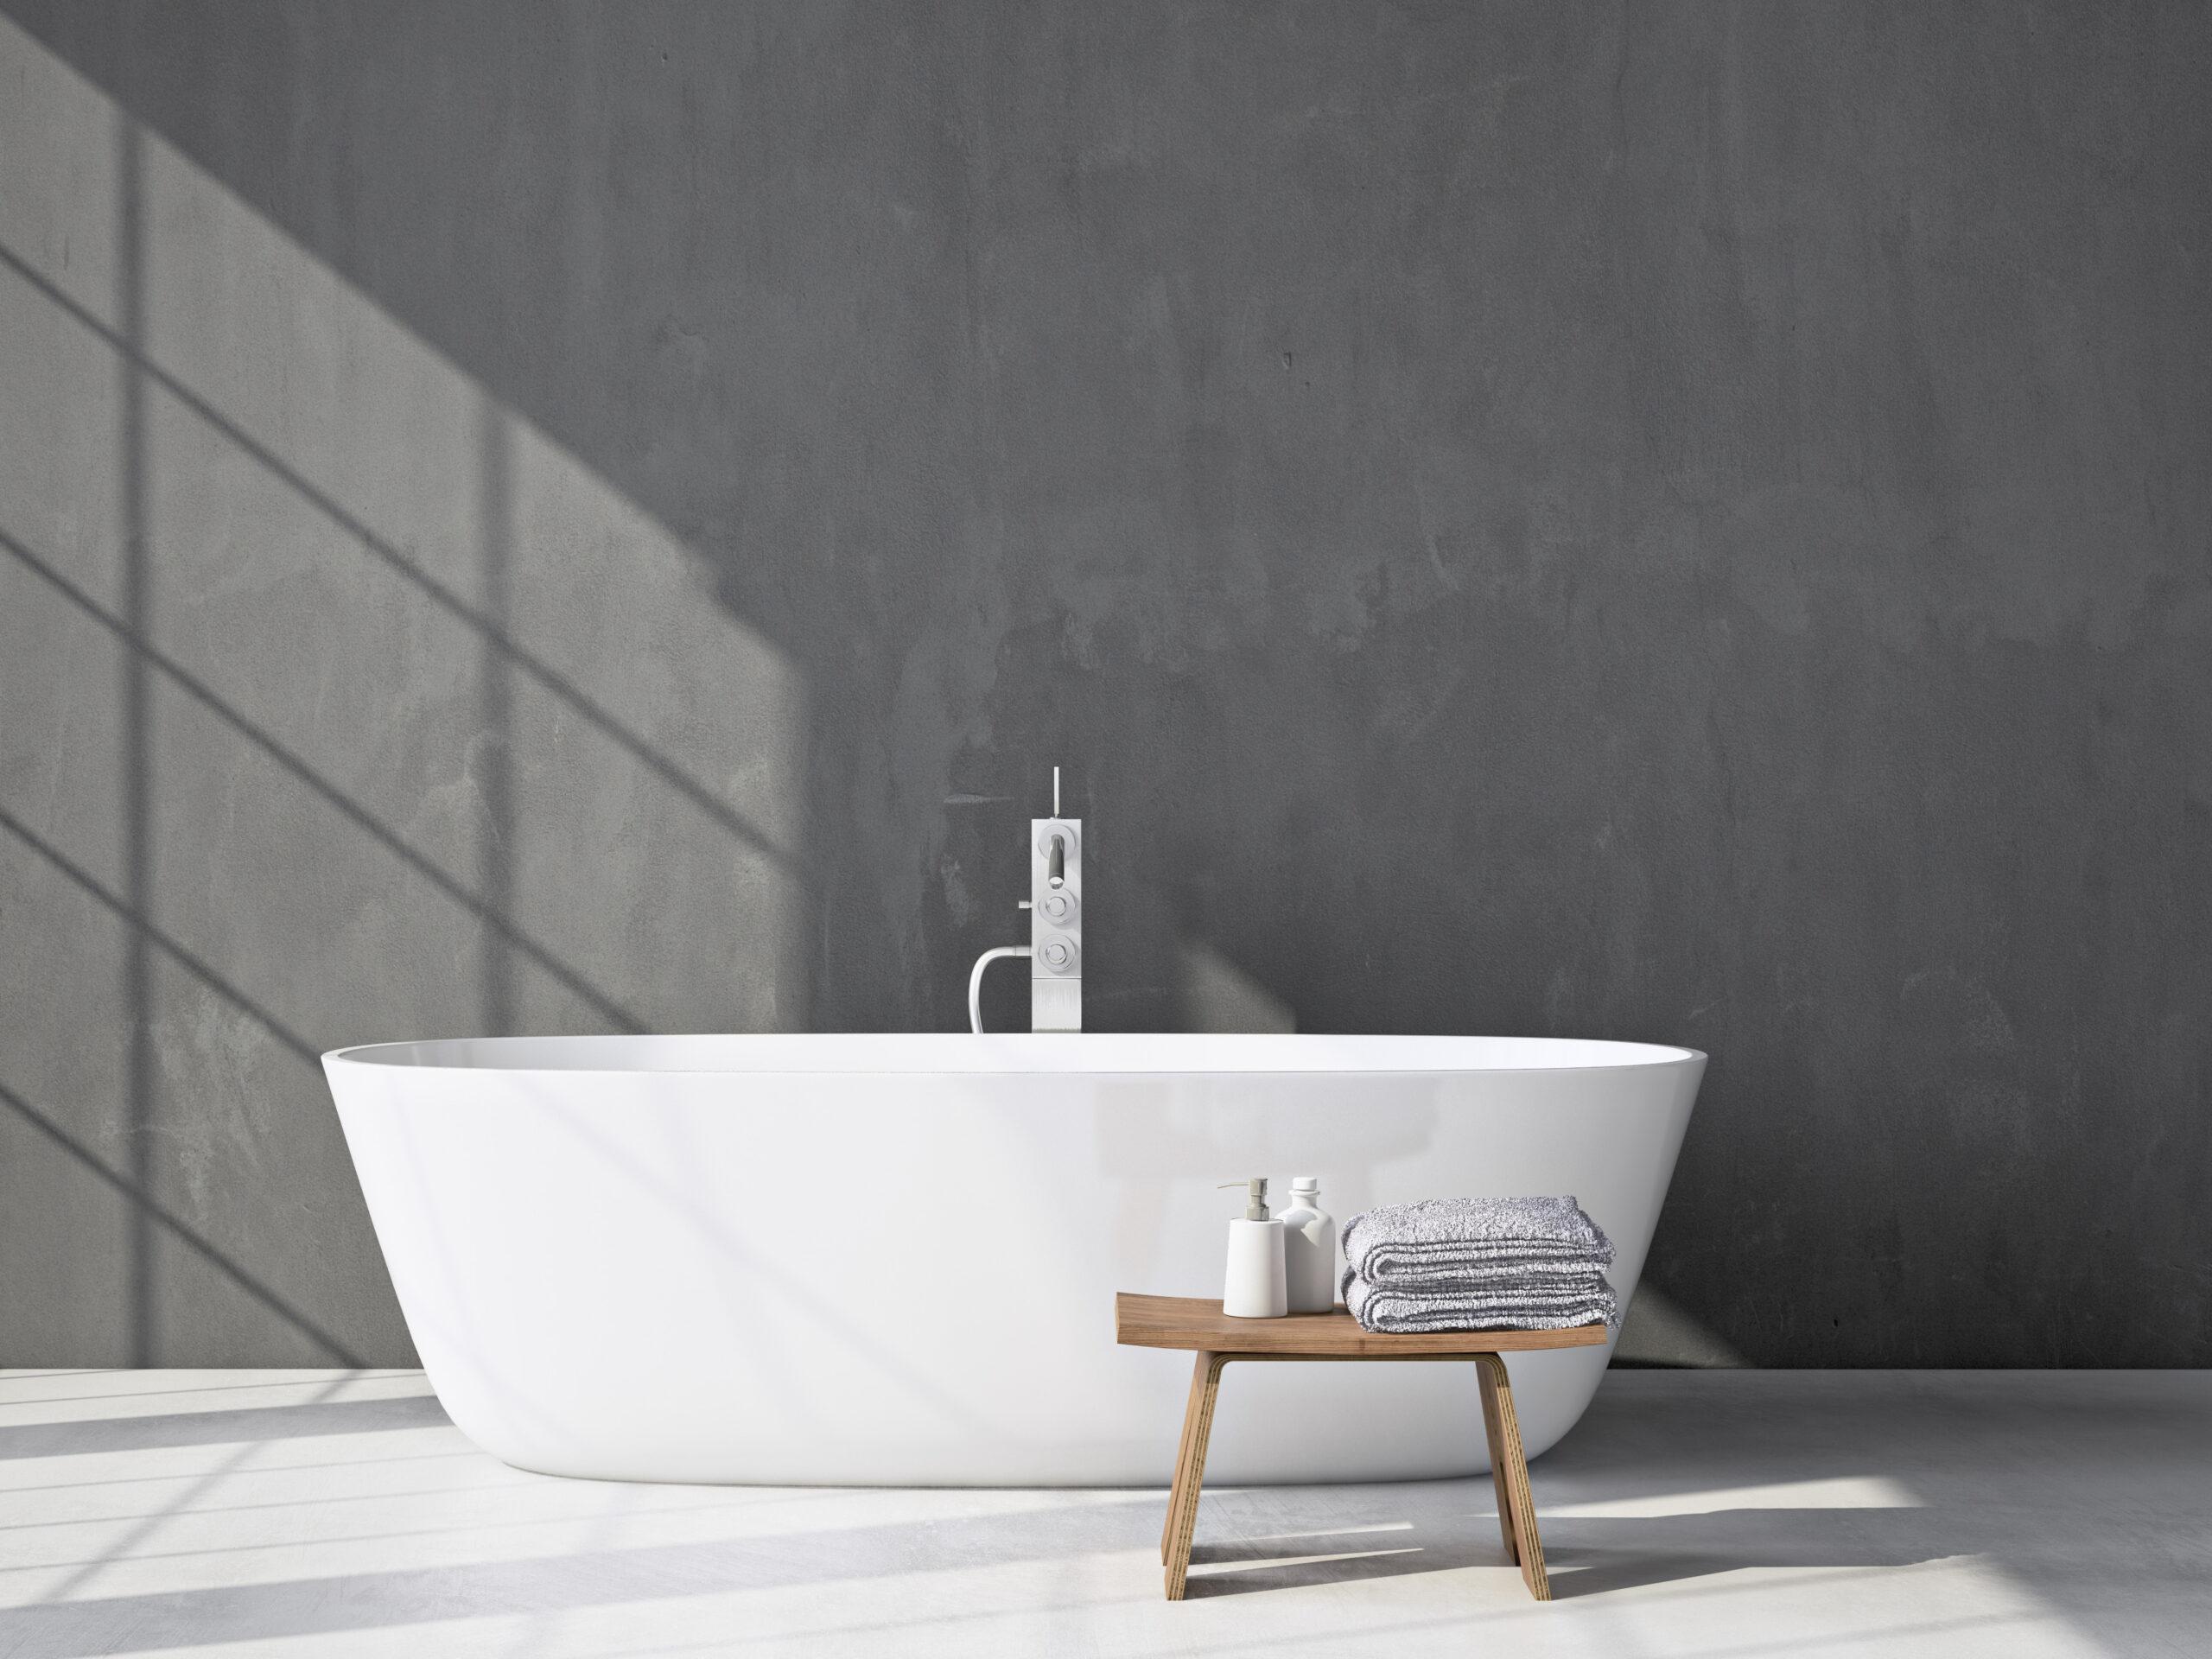 お風呂のタイミングの習慣づけを